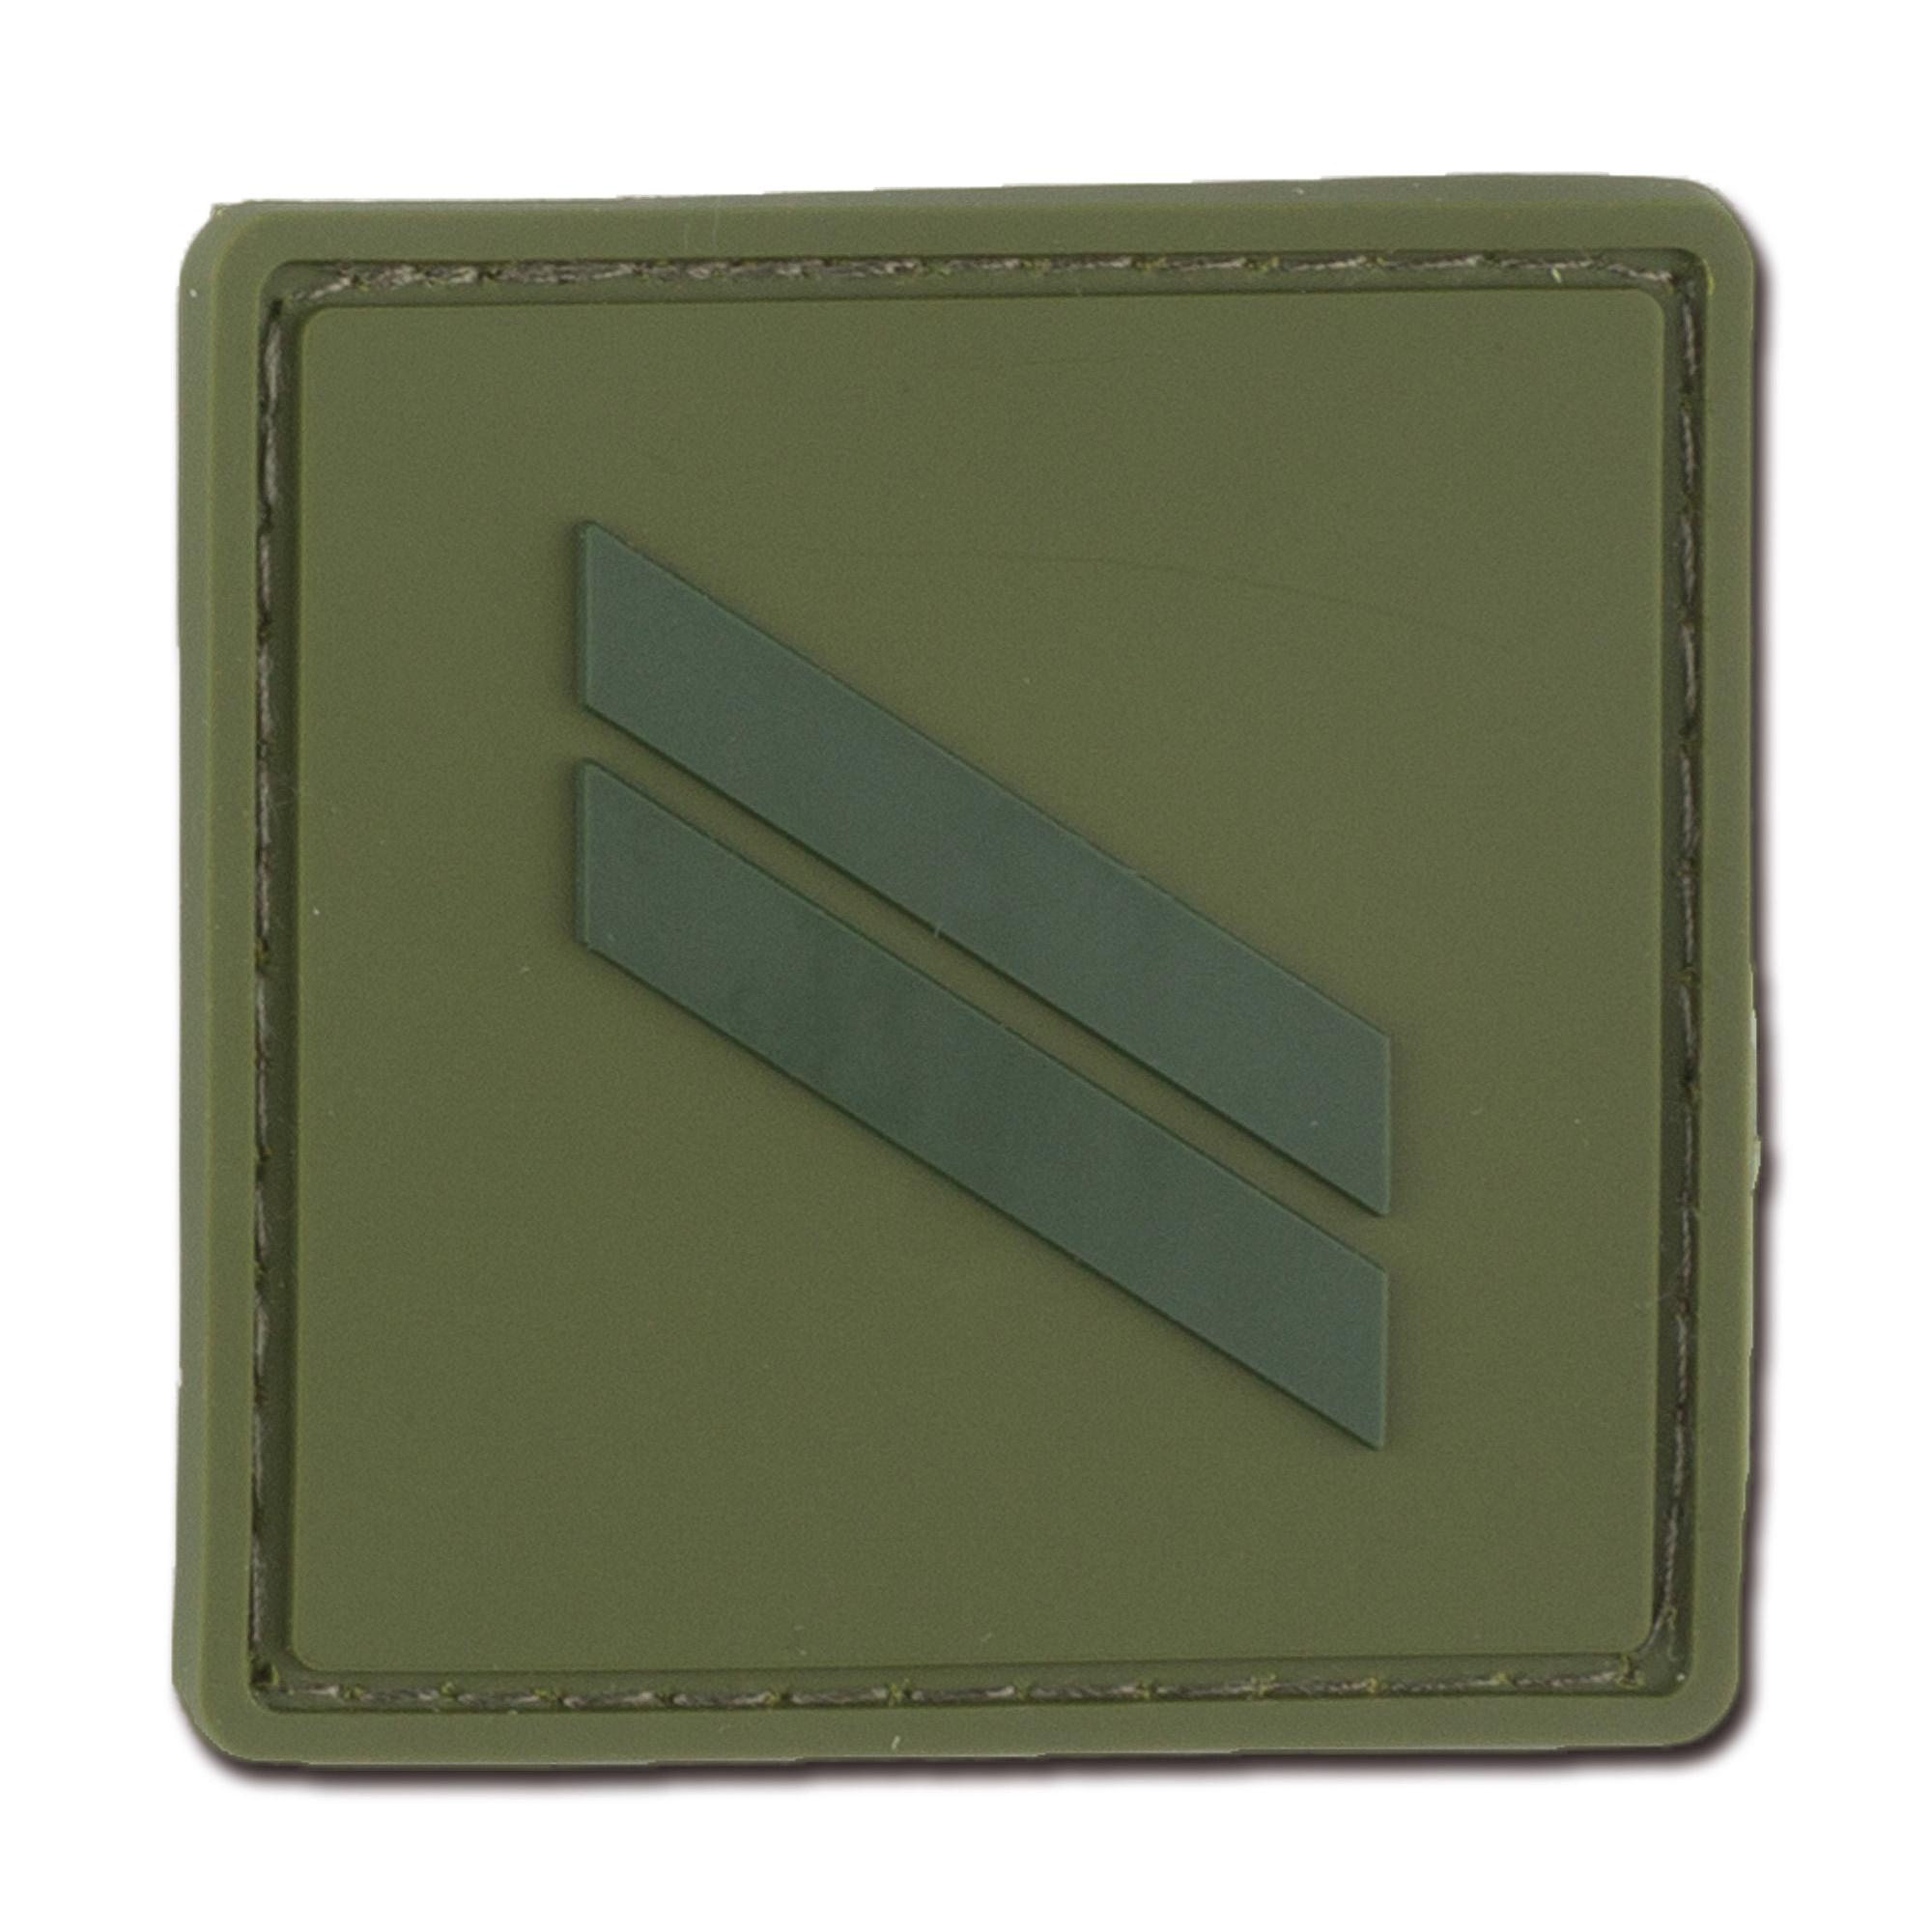 Dienstgradabzeichen Frankreich Sergent oliv tarn